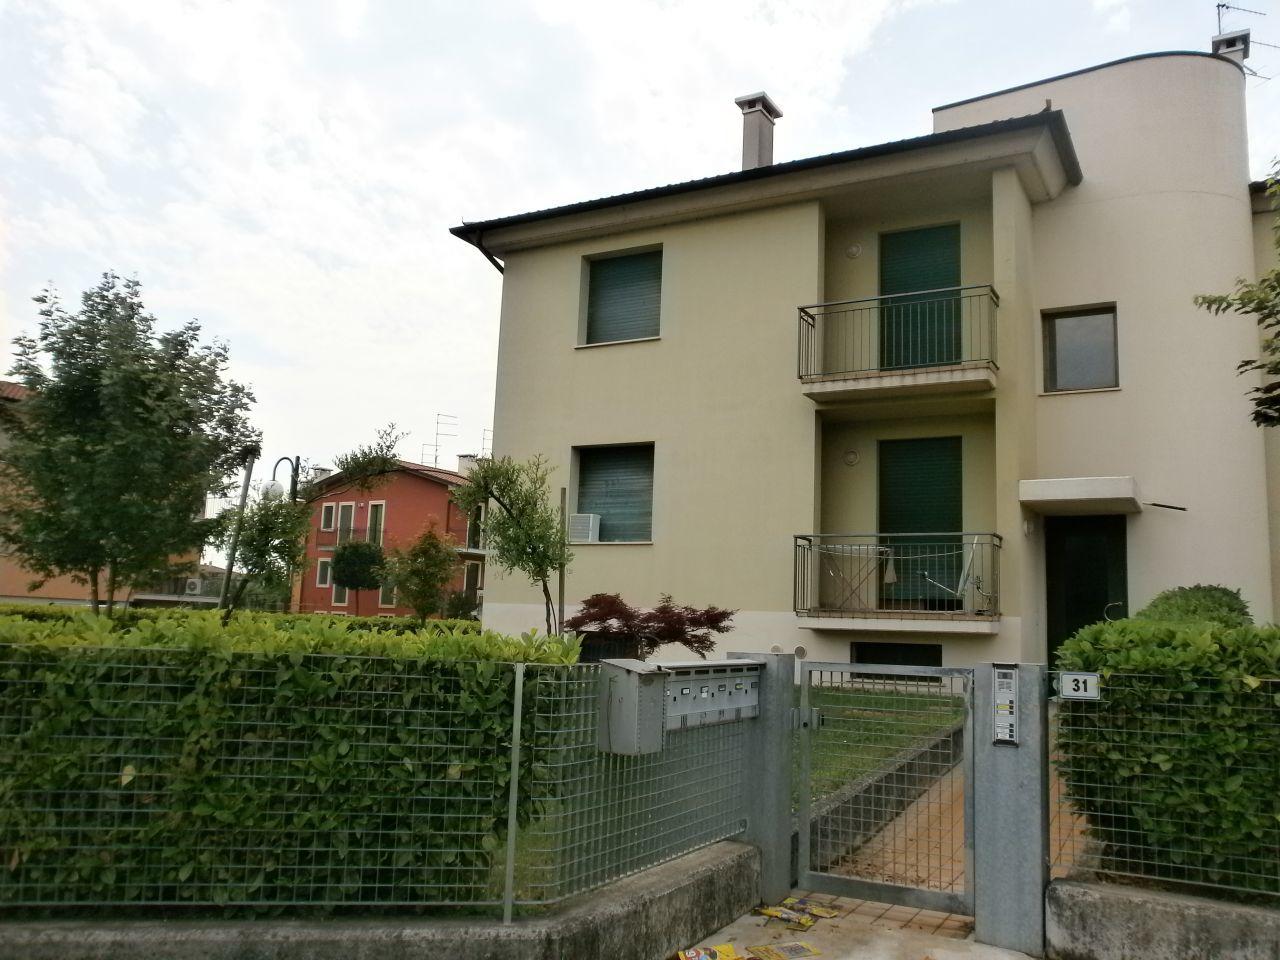 Appartamento in vendita a Sarego, 3 locali, prezzo € 75.000 | Cambio Casa.it